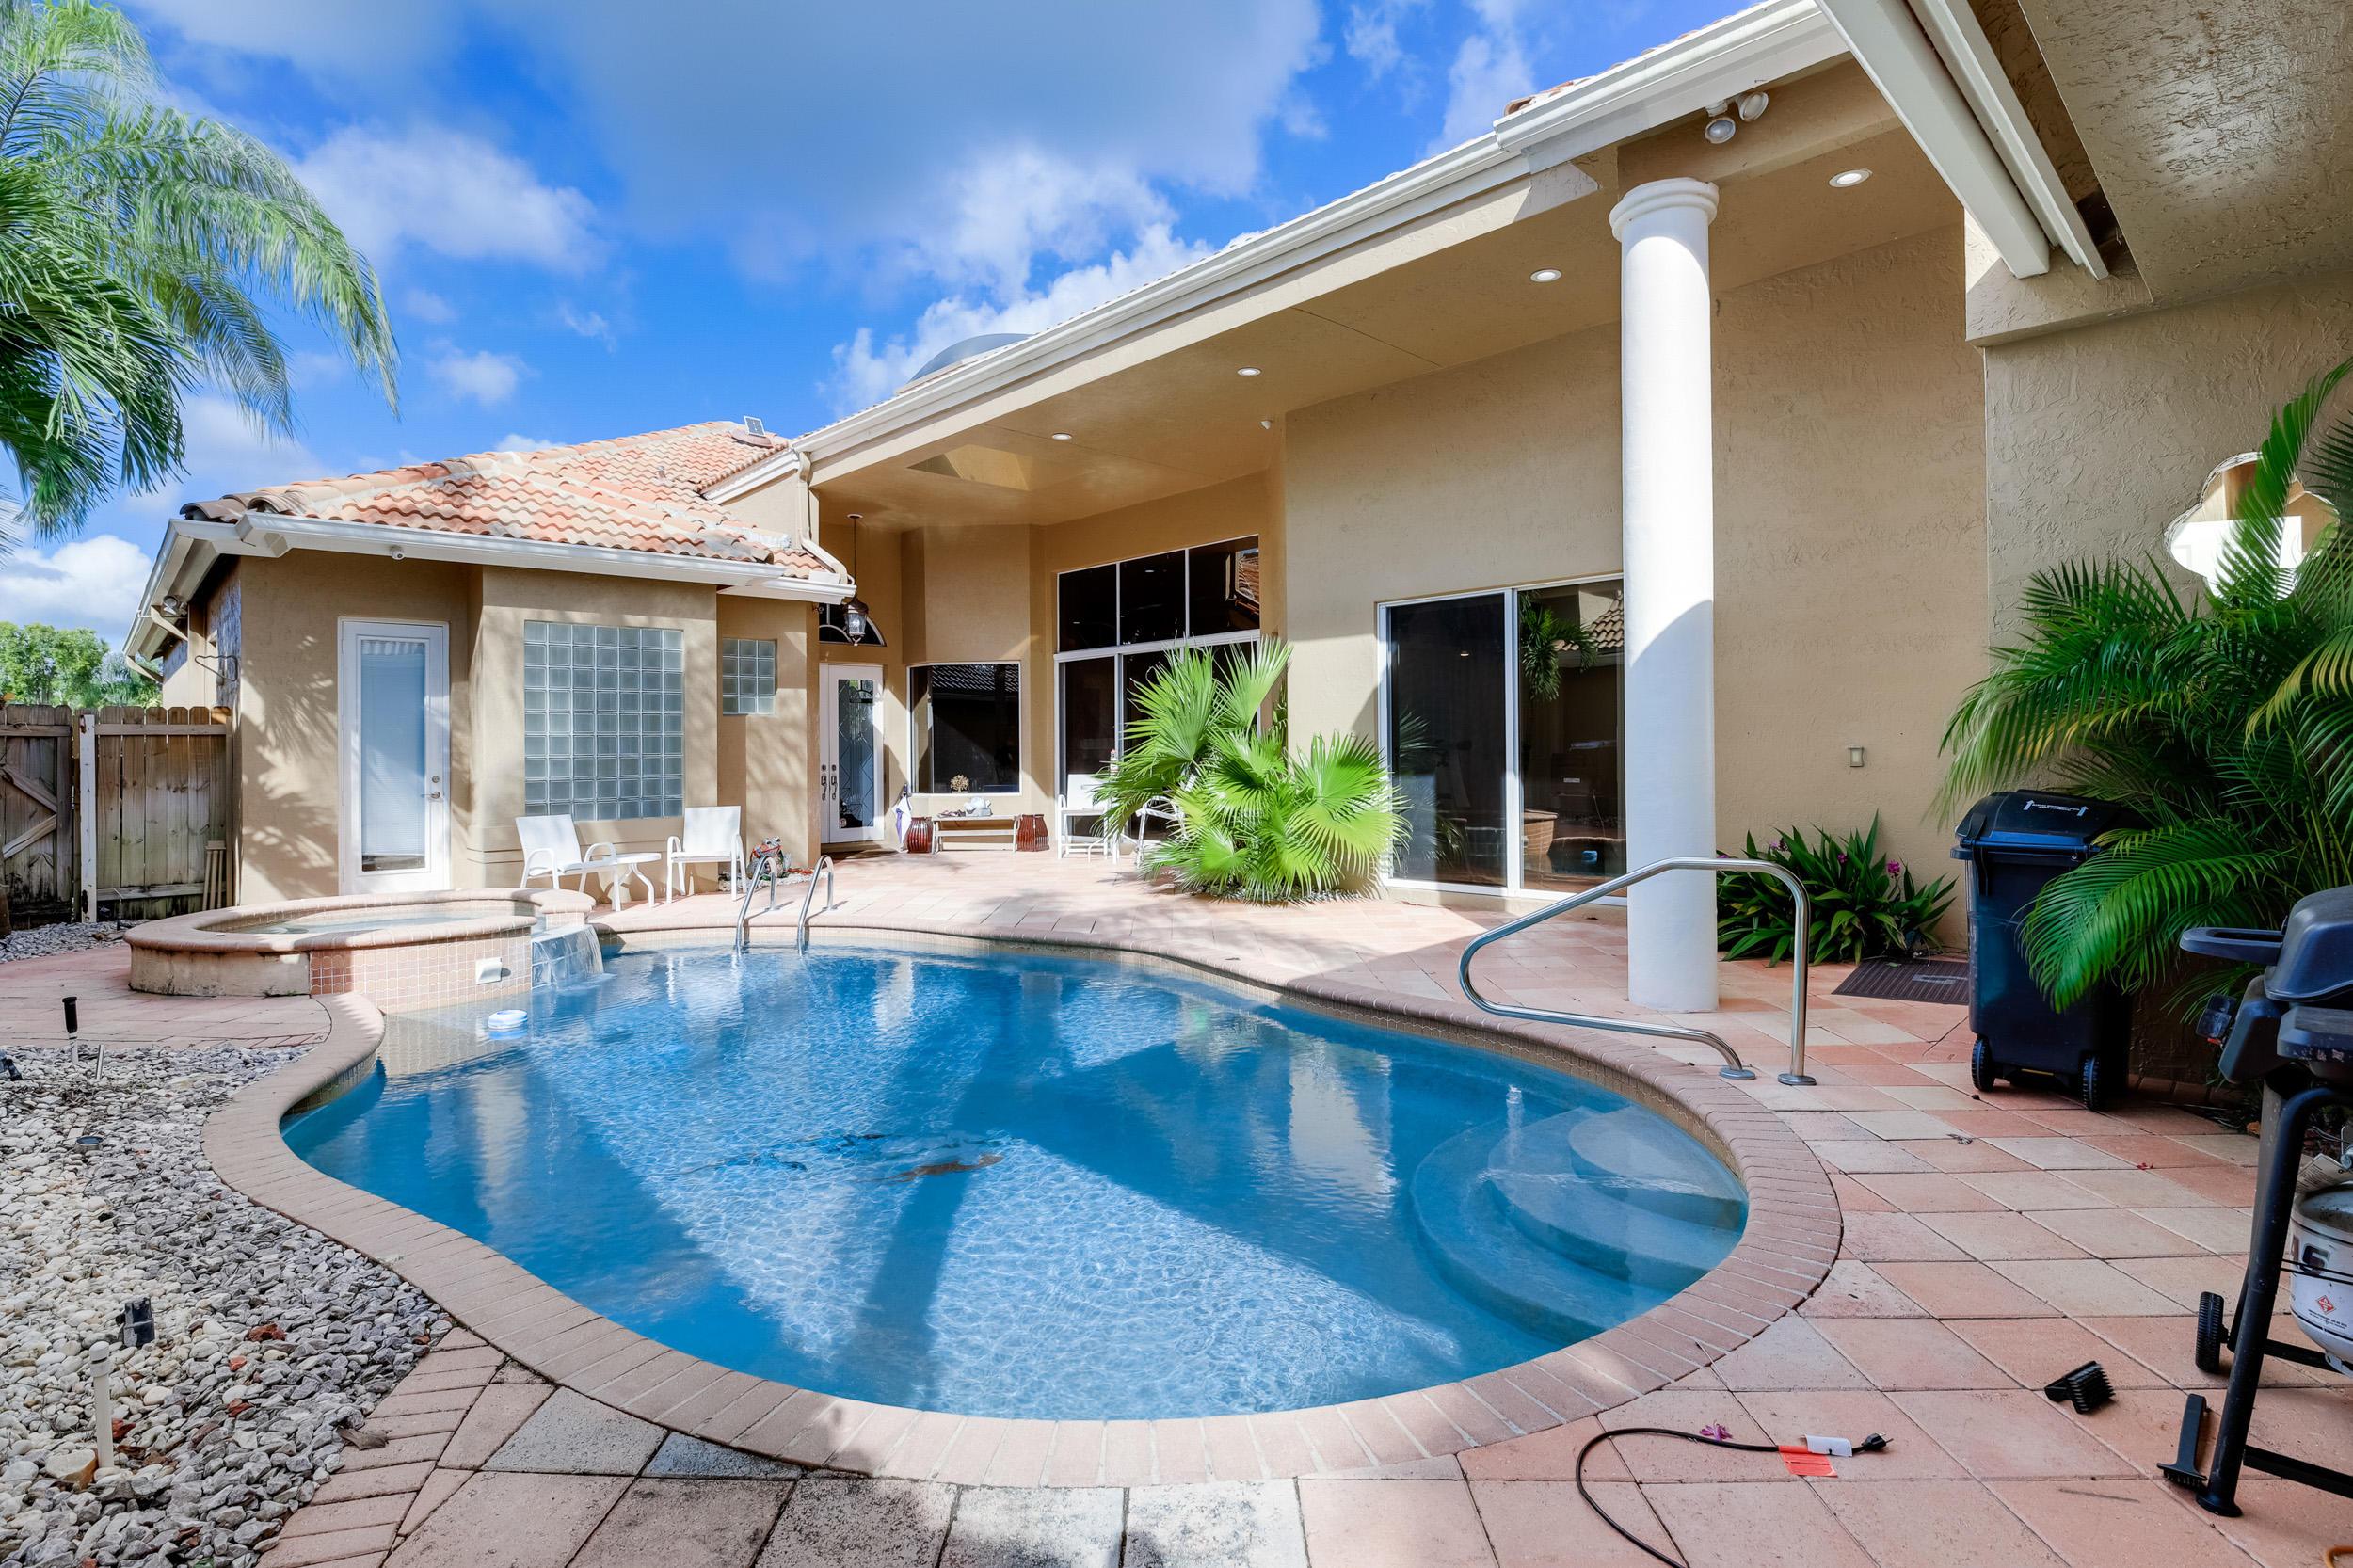 Image 6 For 10766 Greenbriar Villa Drive